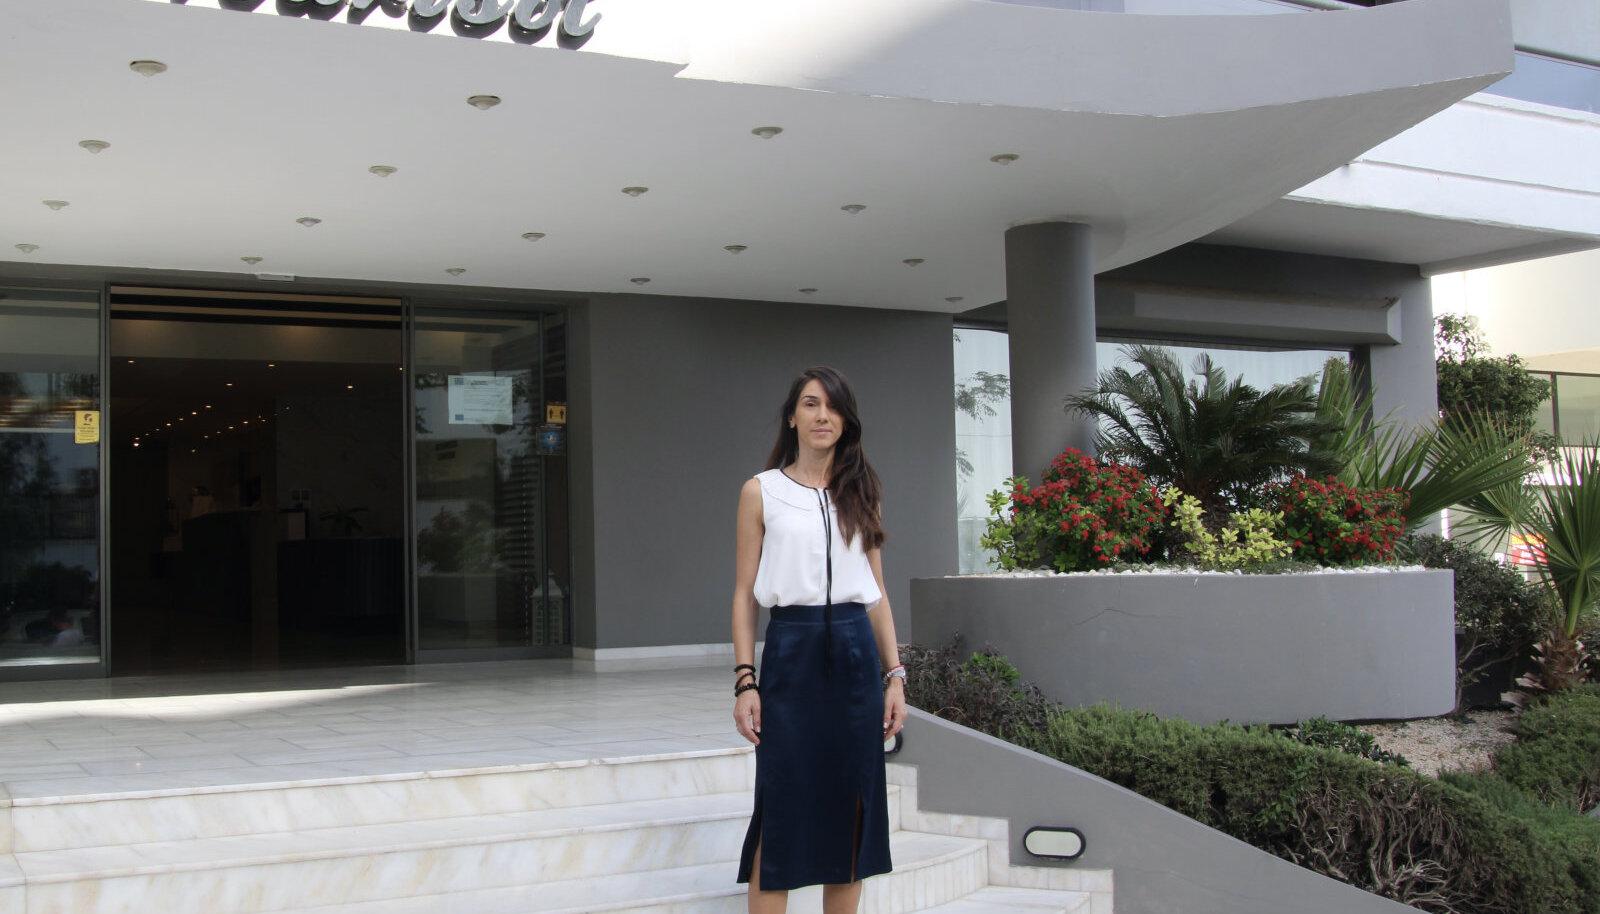 Islands Resorts Marisol hotelli vastuvõtujuht Alexandrina Tineva